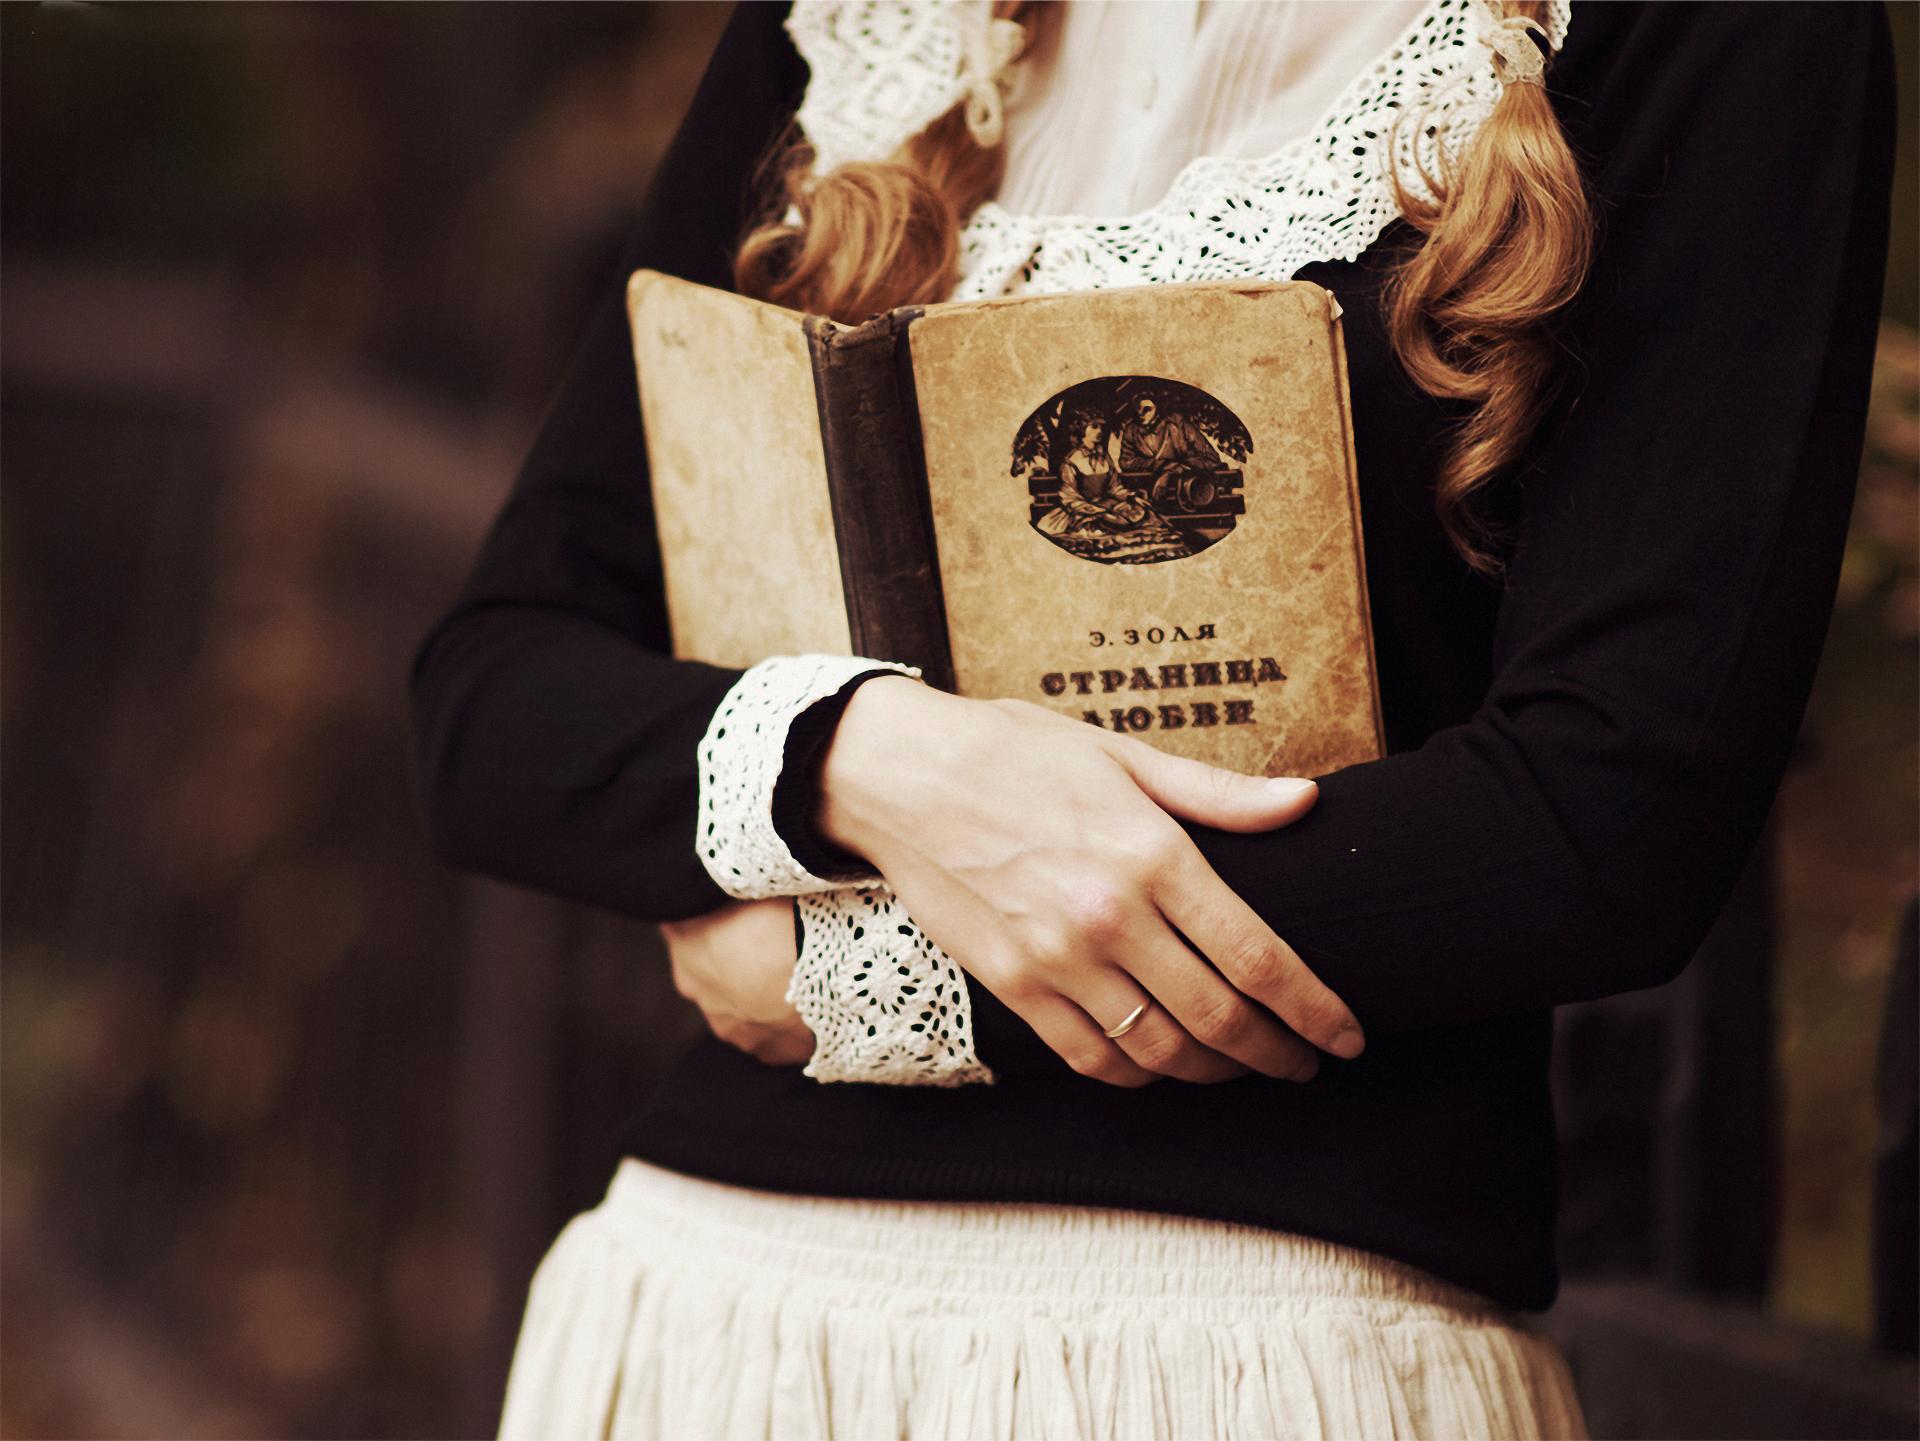 продаже фотосессия с книгой в руках большими членами или